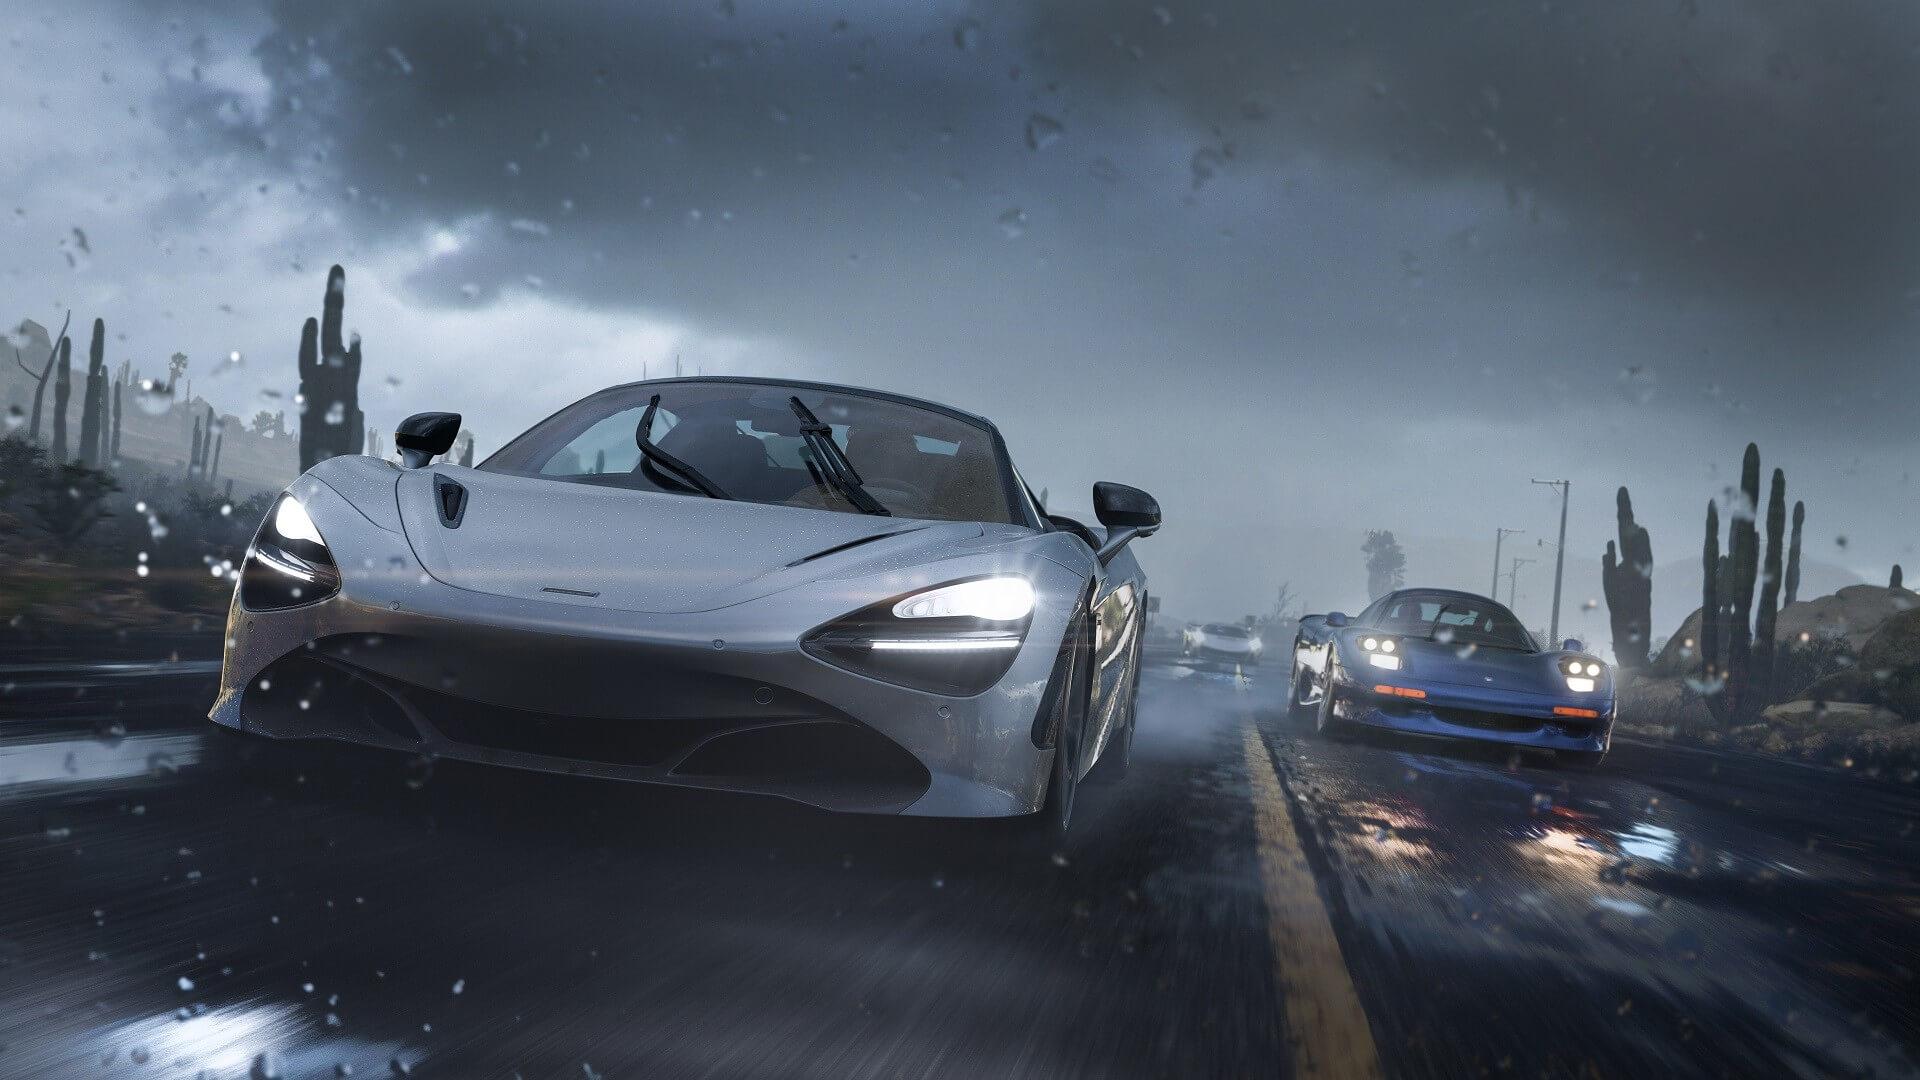 Для Forza Horizon 5 стала известна дата выхода. Разработчики показали и геймплейное видео игры